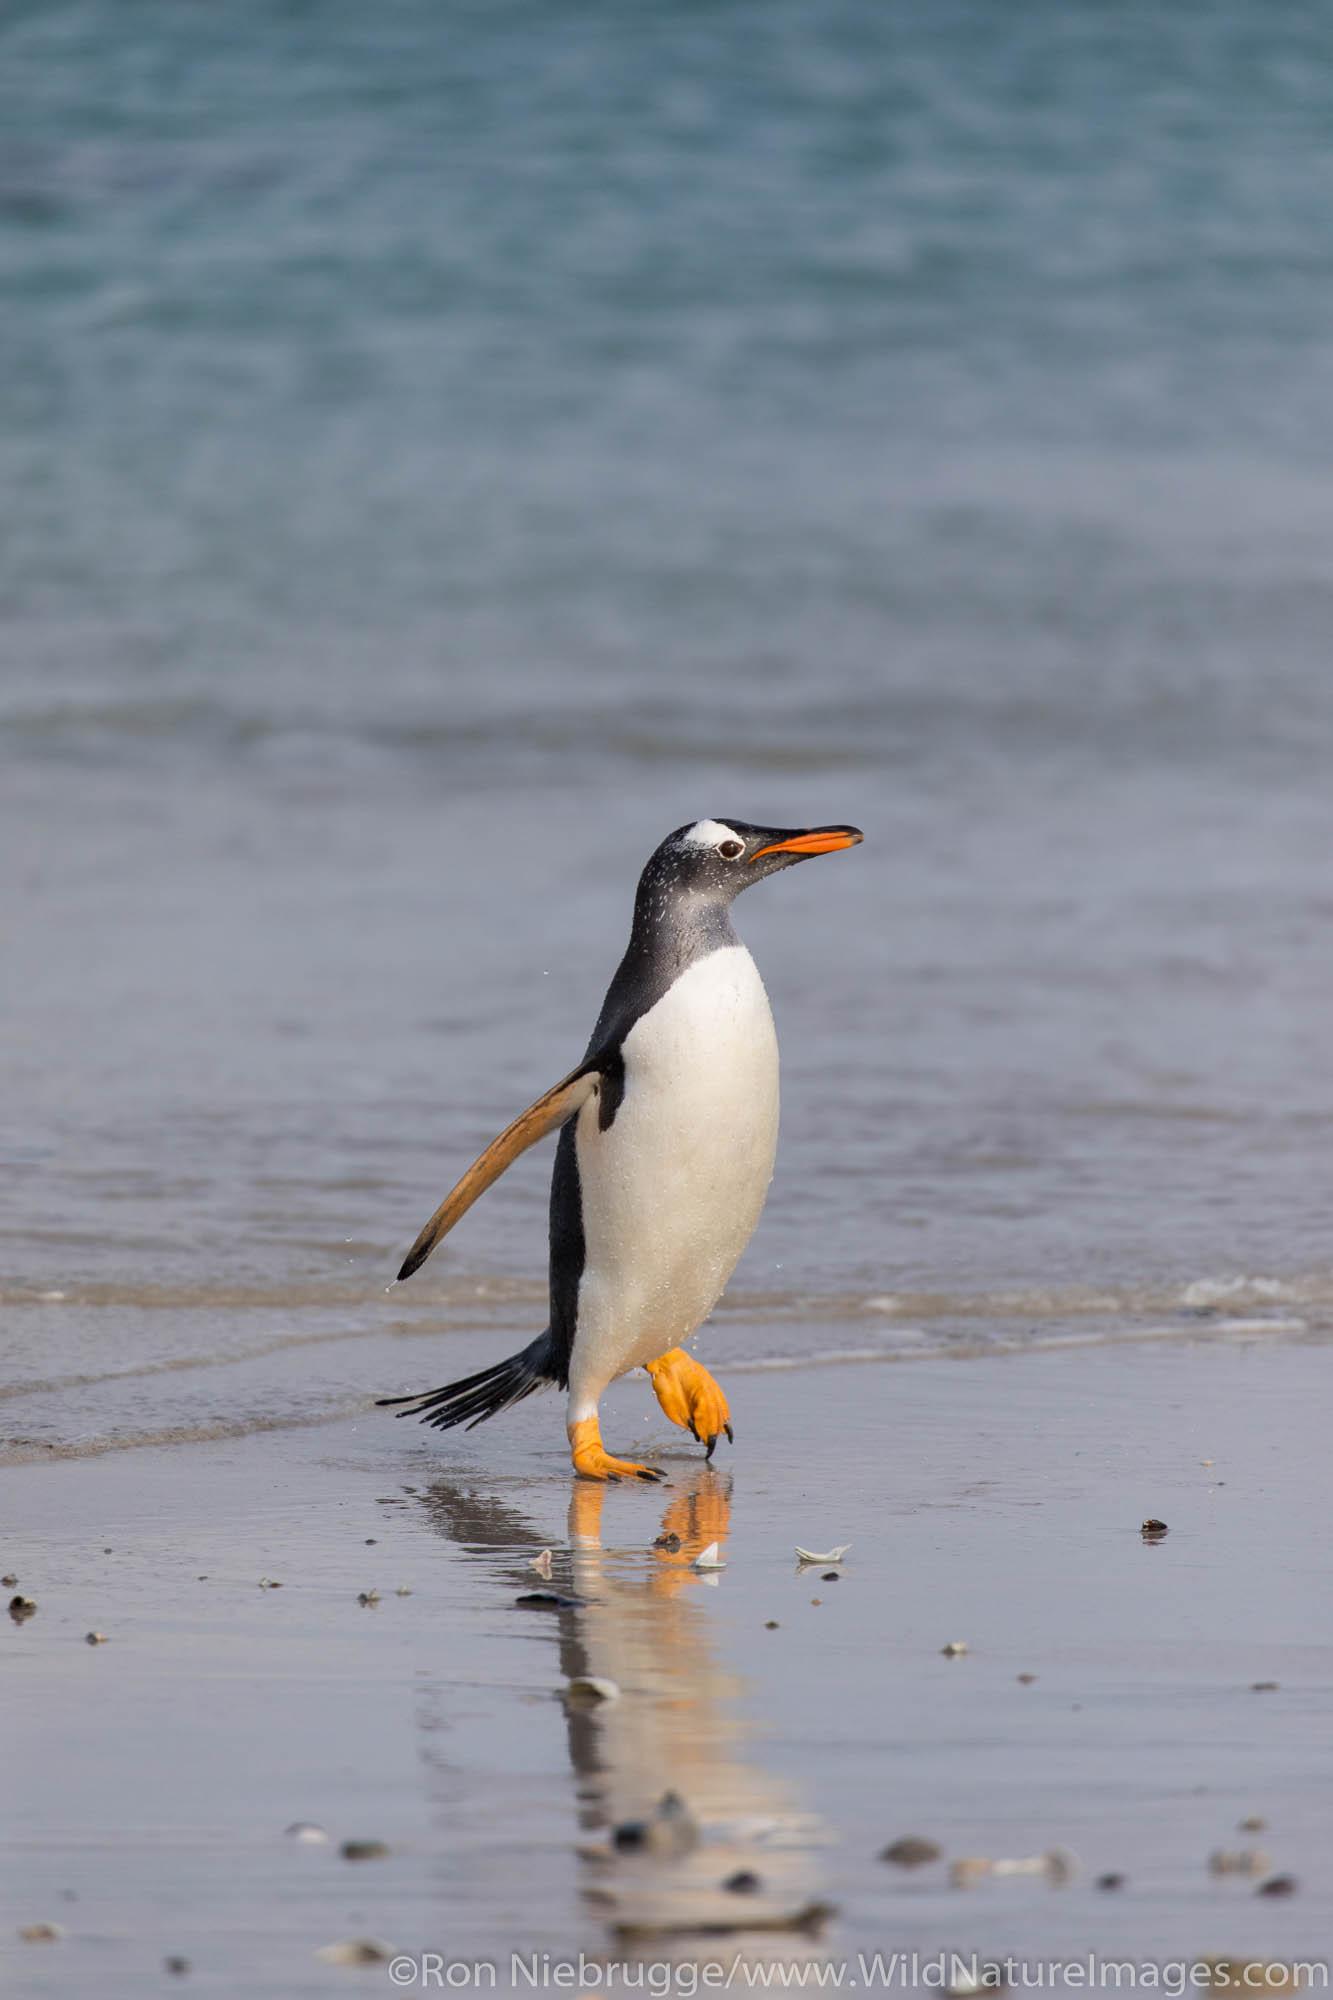 Gentoo Penguin, Carcass Island, Falkland Islands.